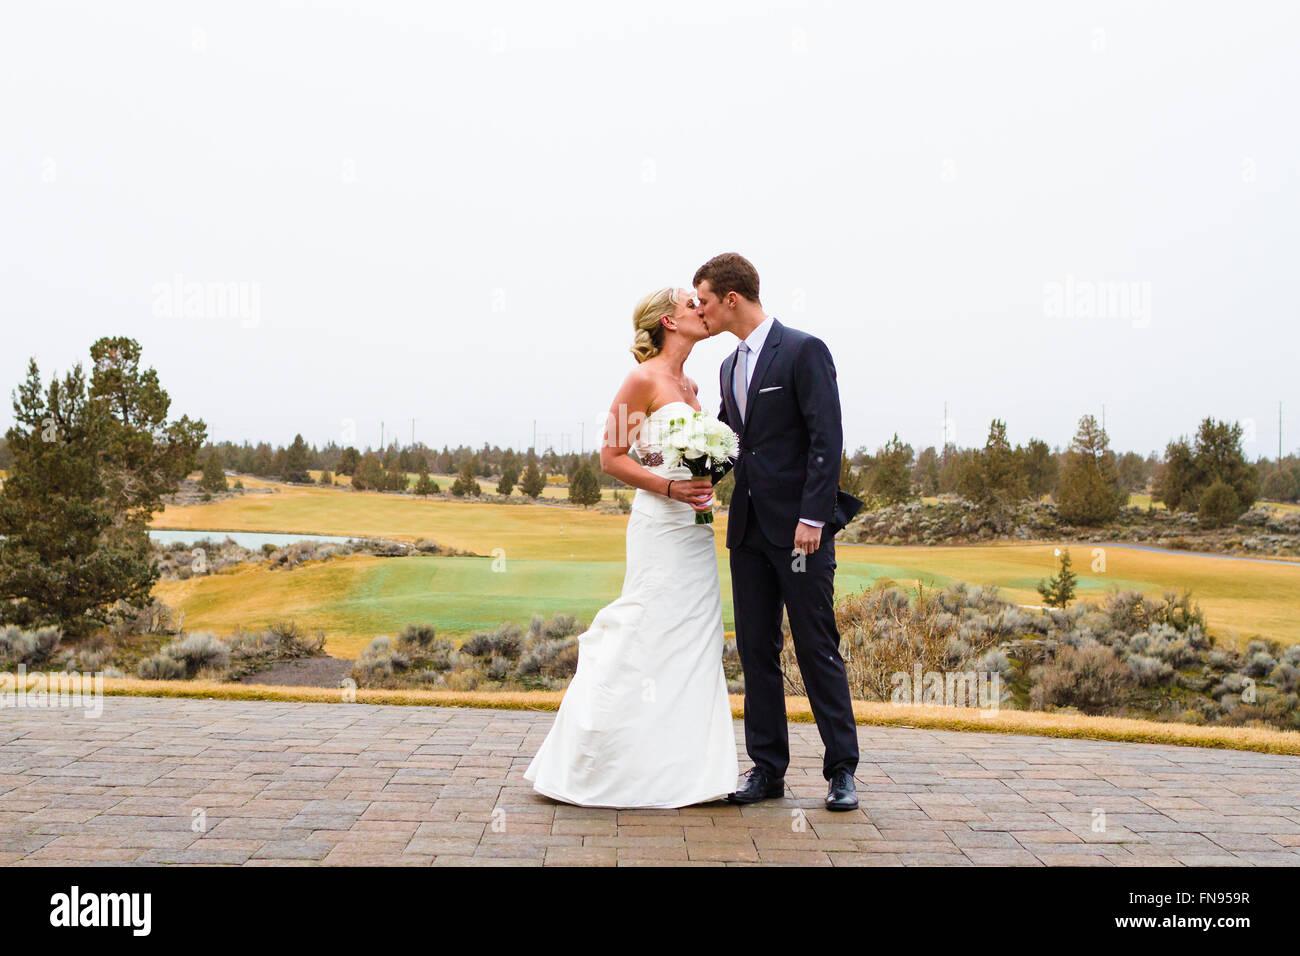 Braut und Bräutigam küssen am Tag der Hochzeit, Oregon, America, USA Stockbild